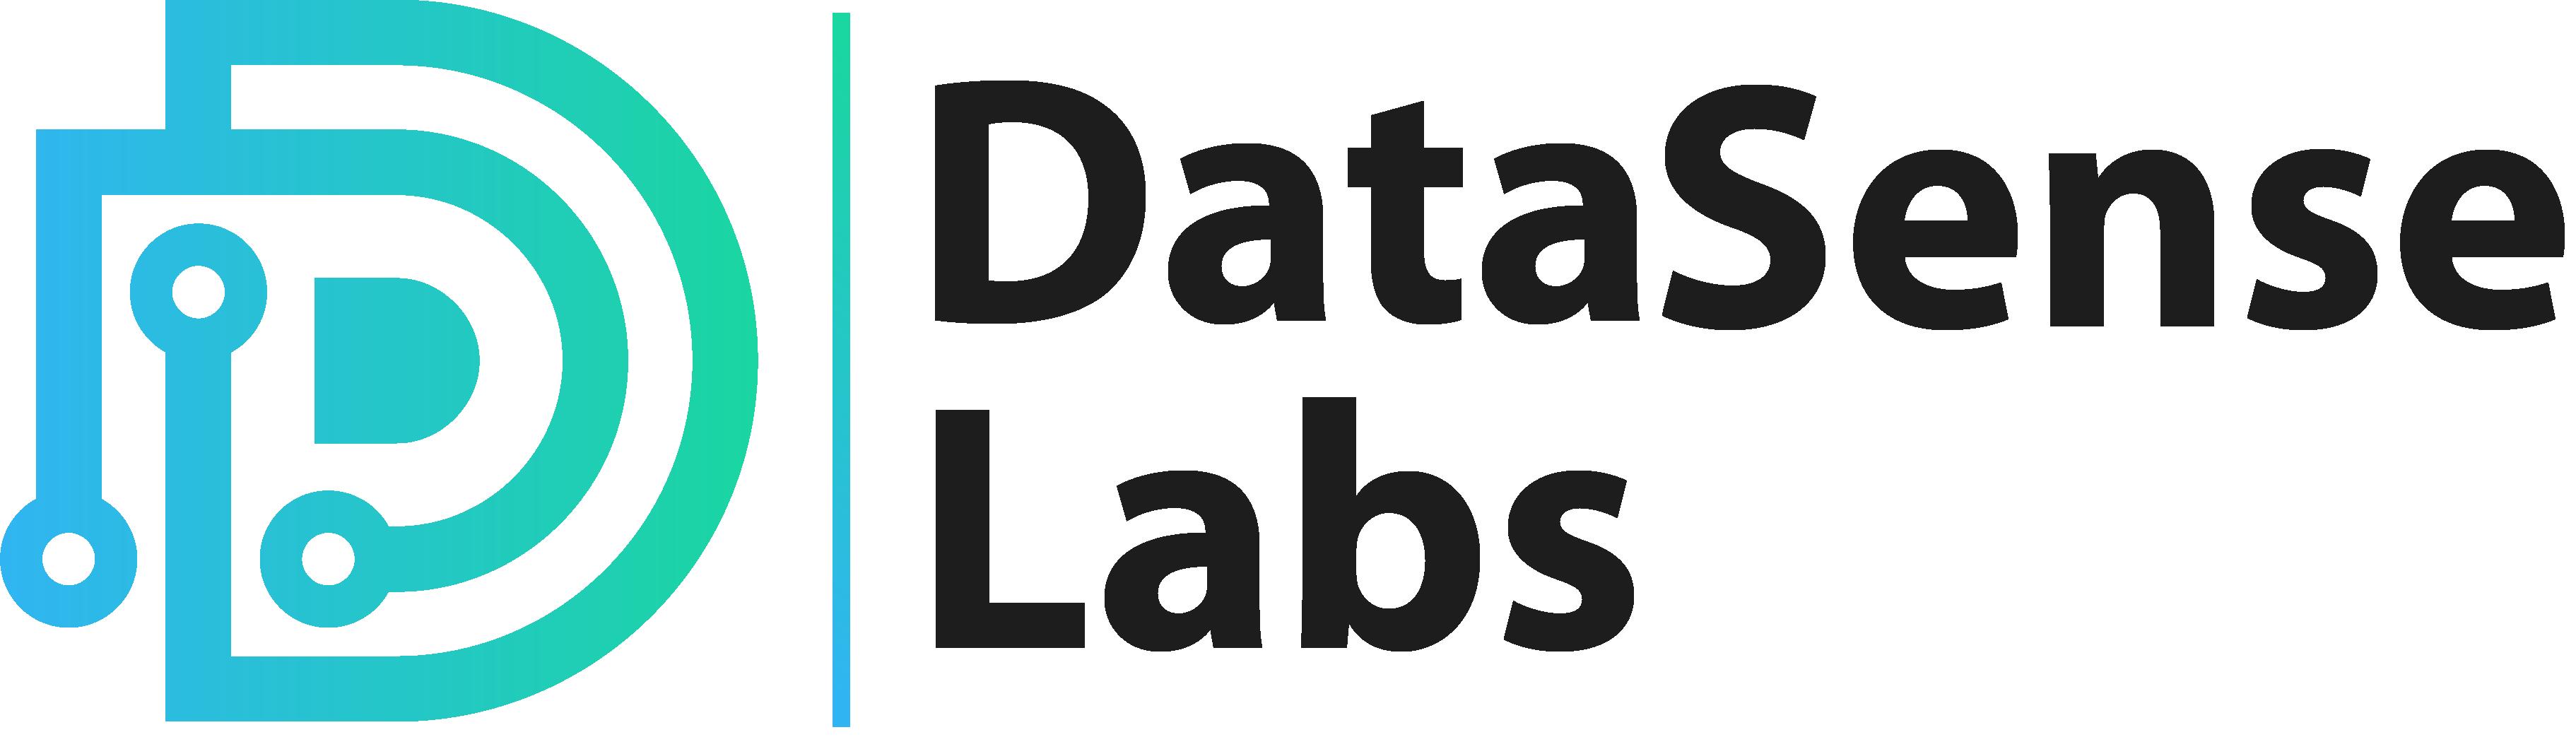 DataSenseLabs |